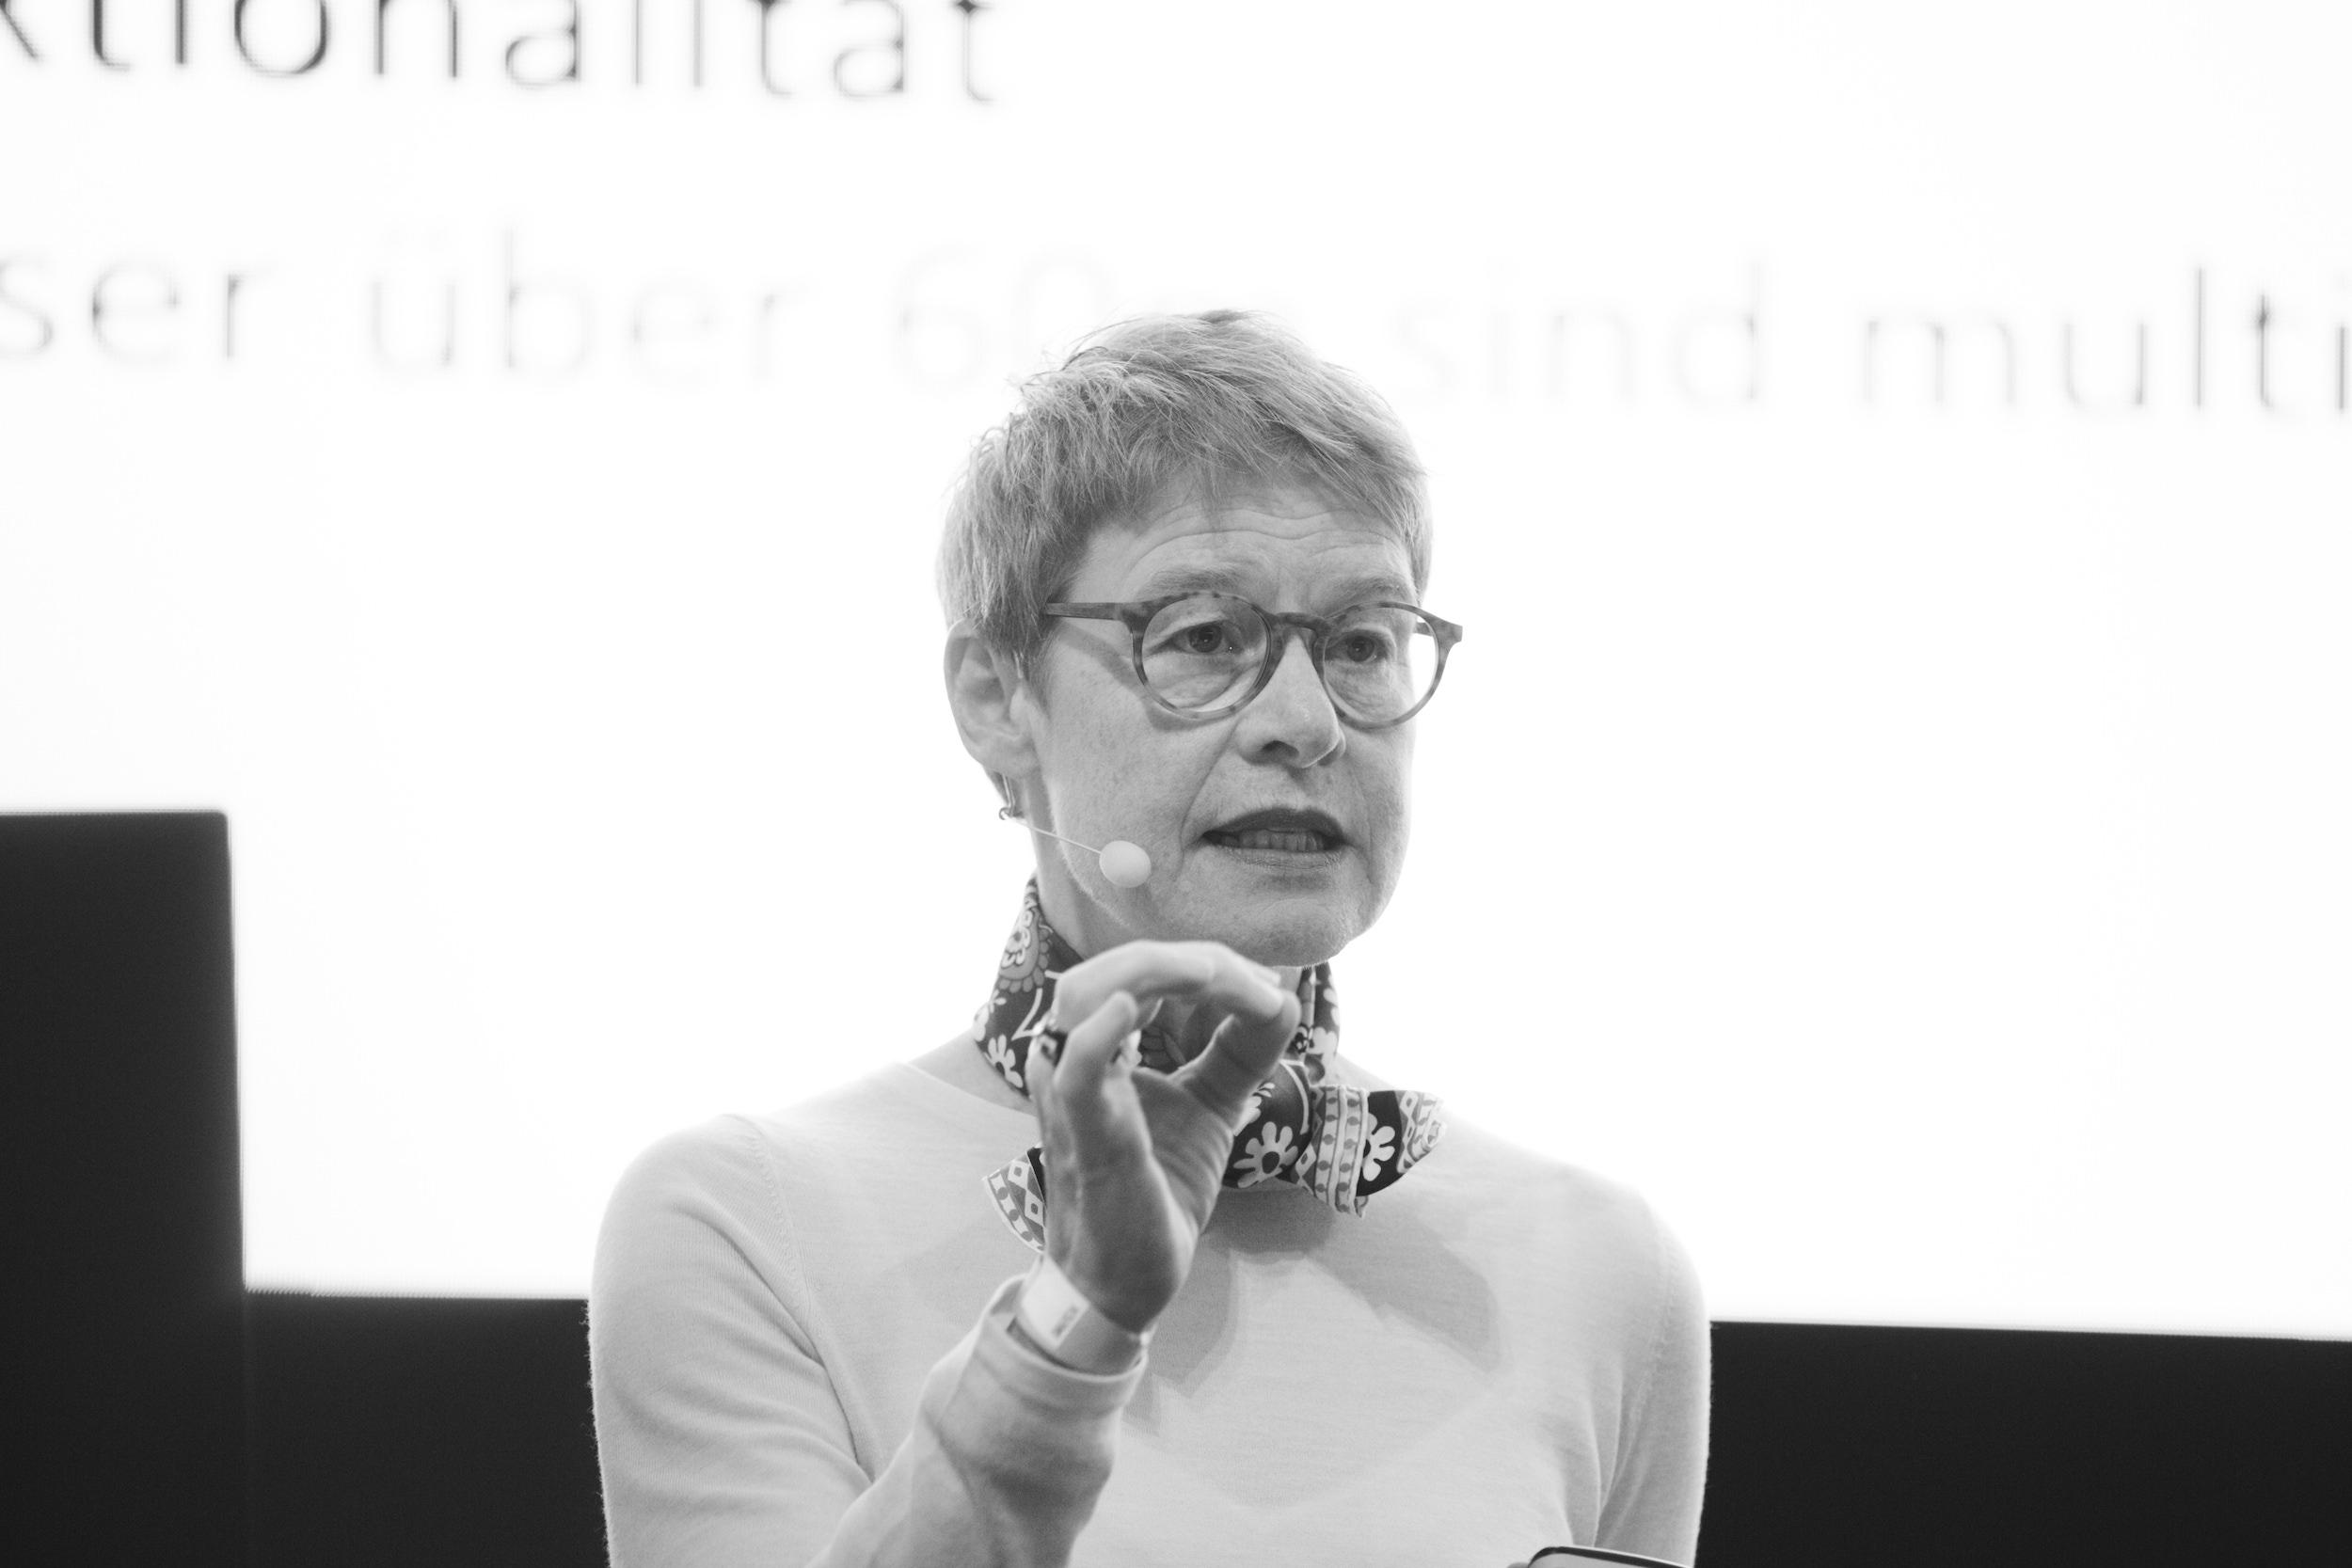 Regula Luescher, Architecture Matters Konferenz 2019 in der Alten Akademie München